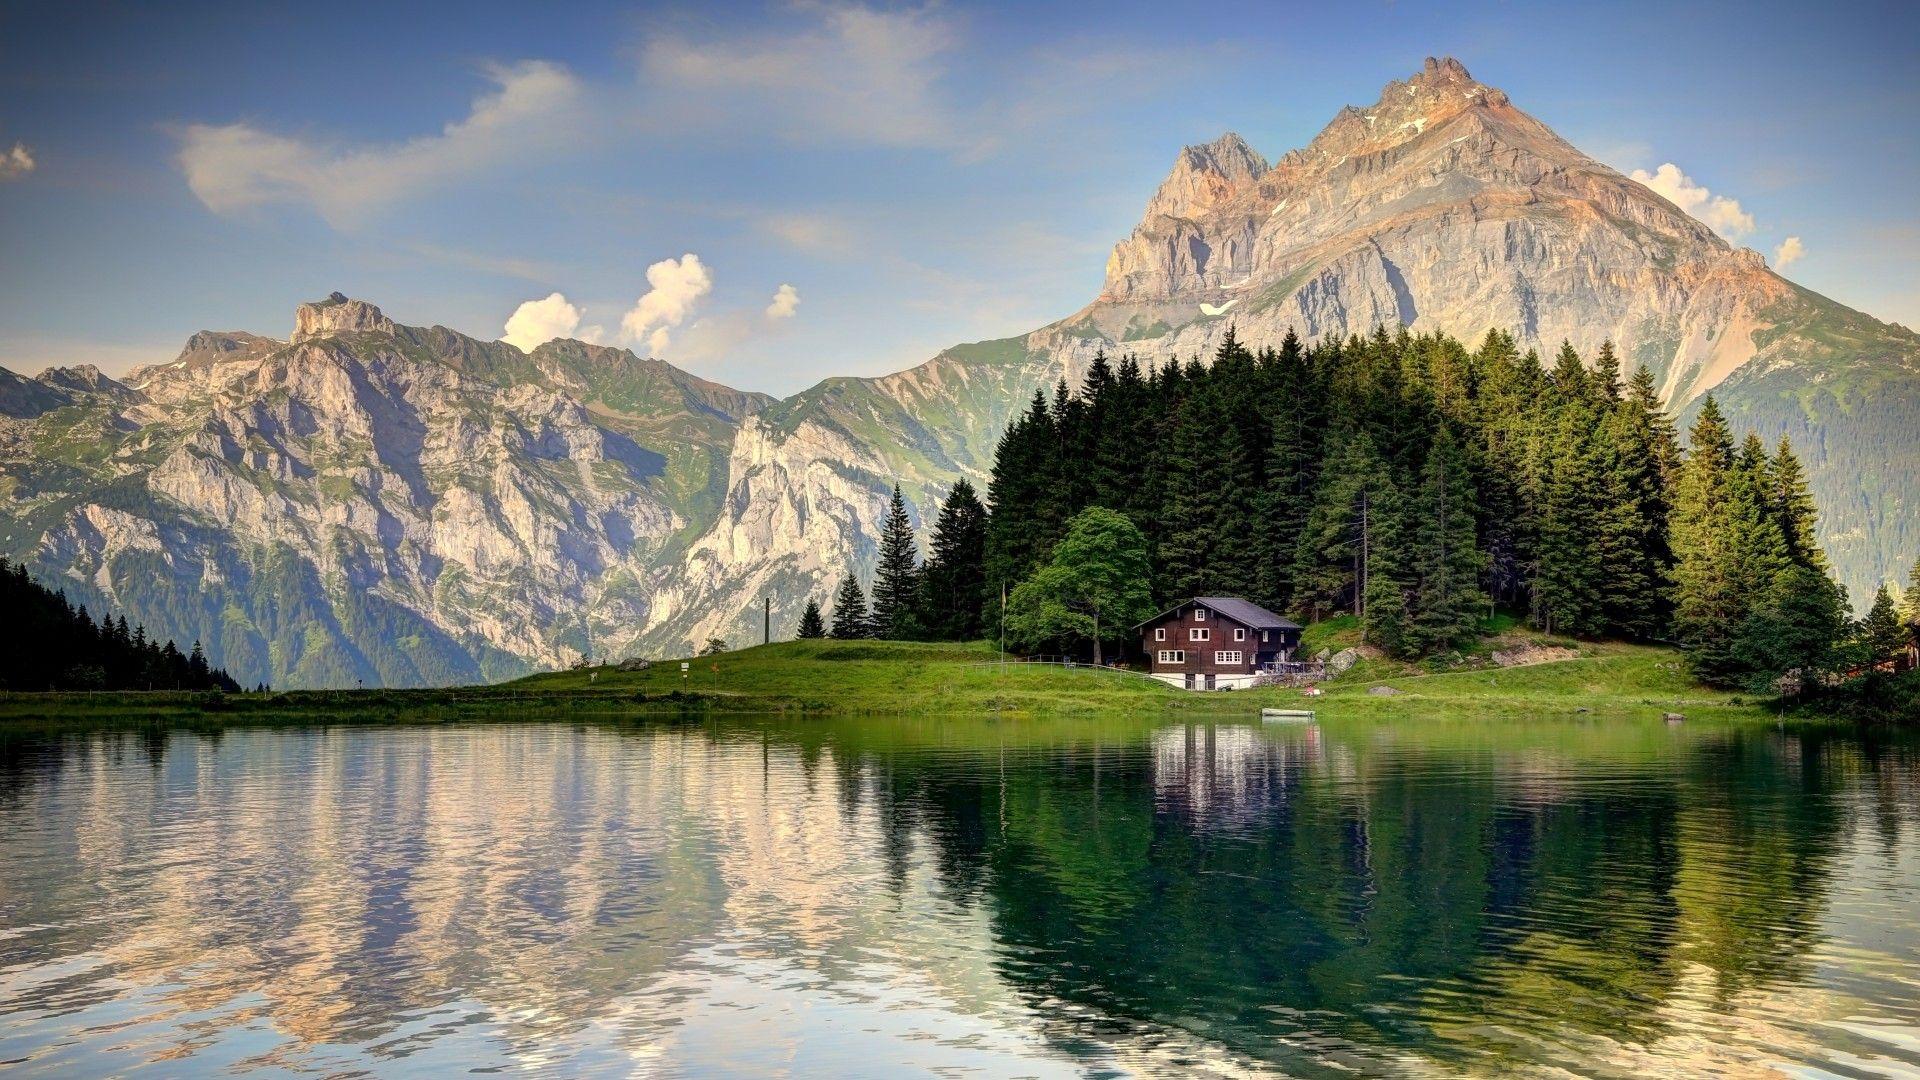 The Alps, Switzerland Photo